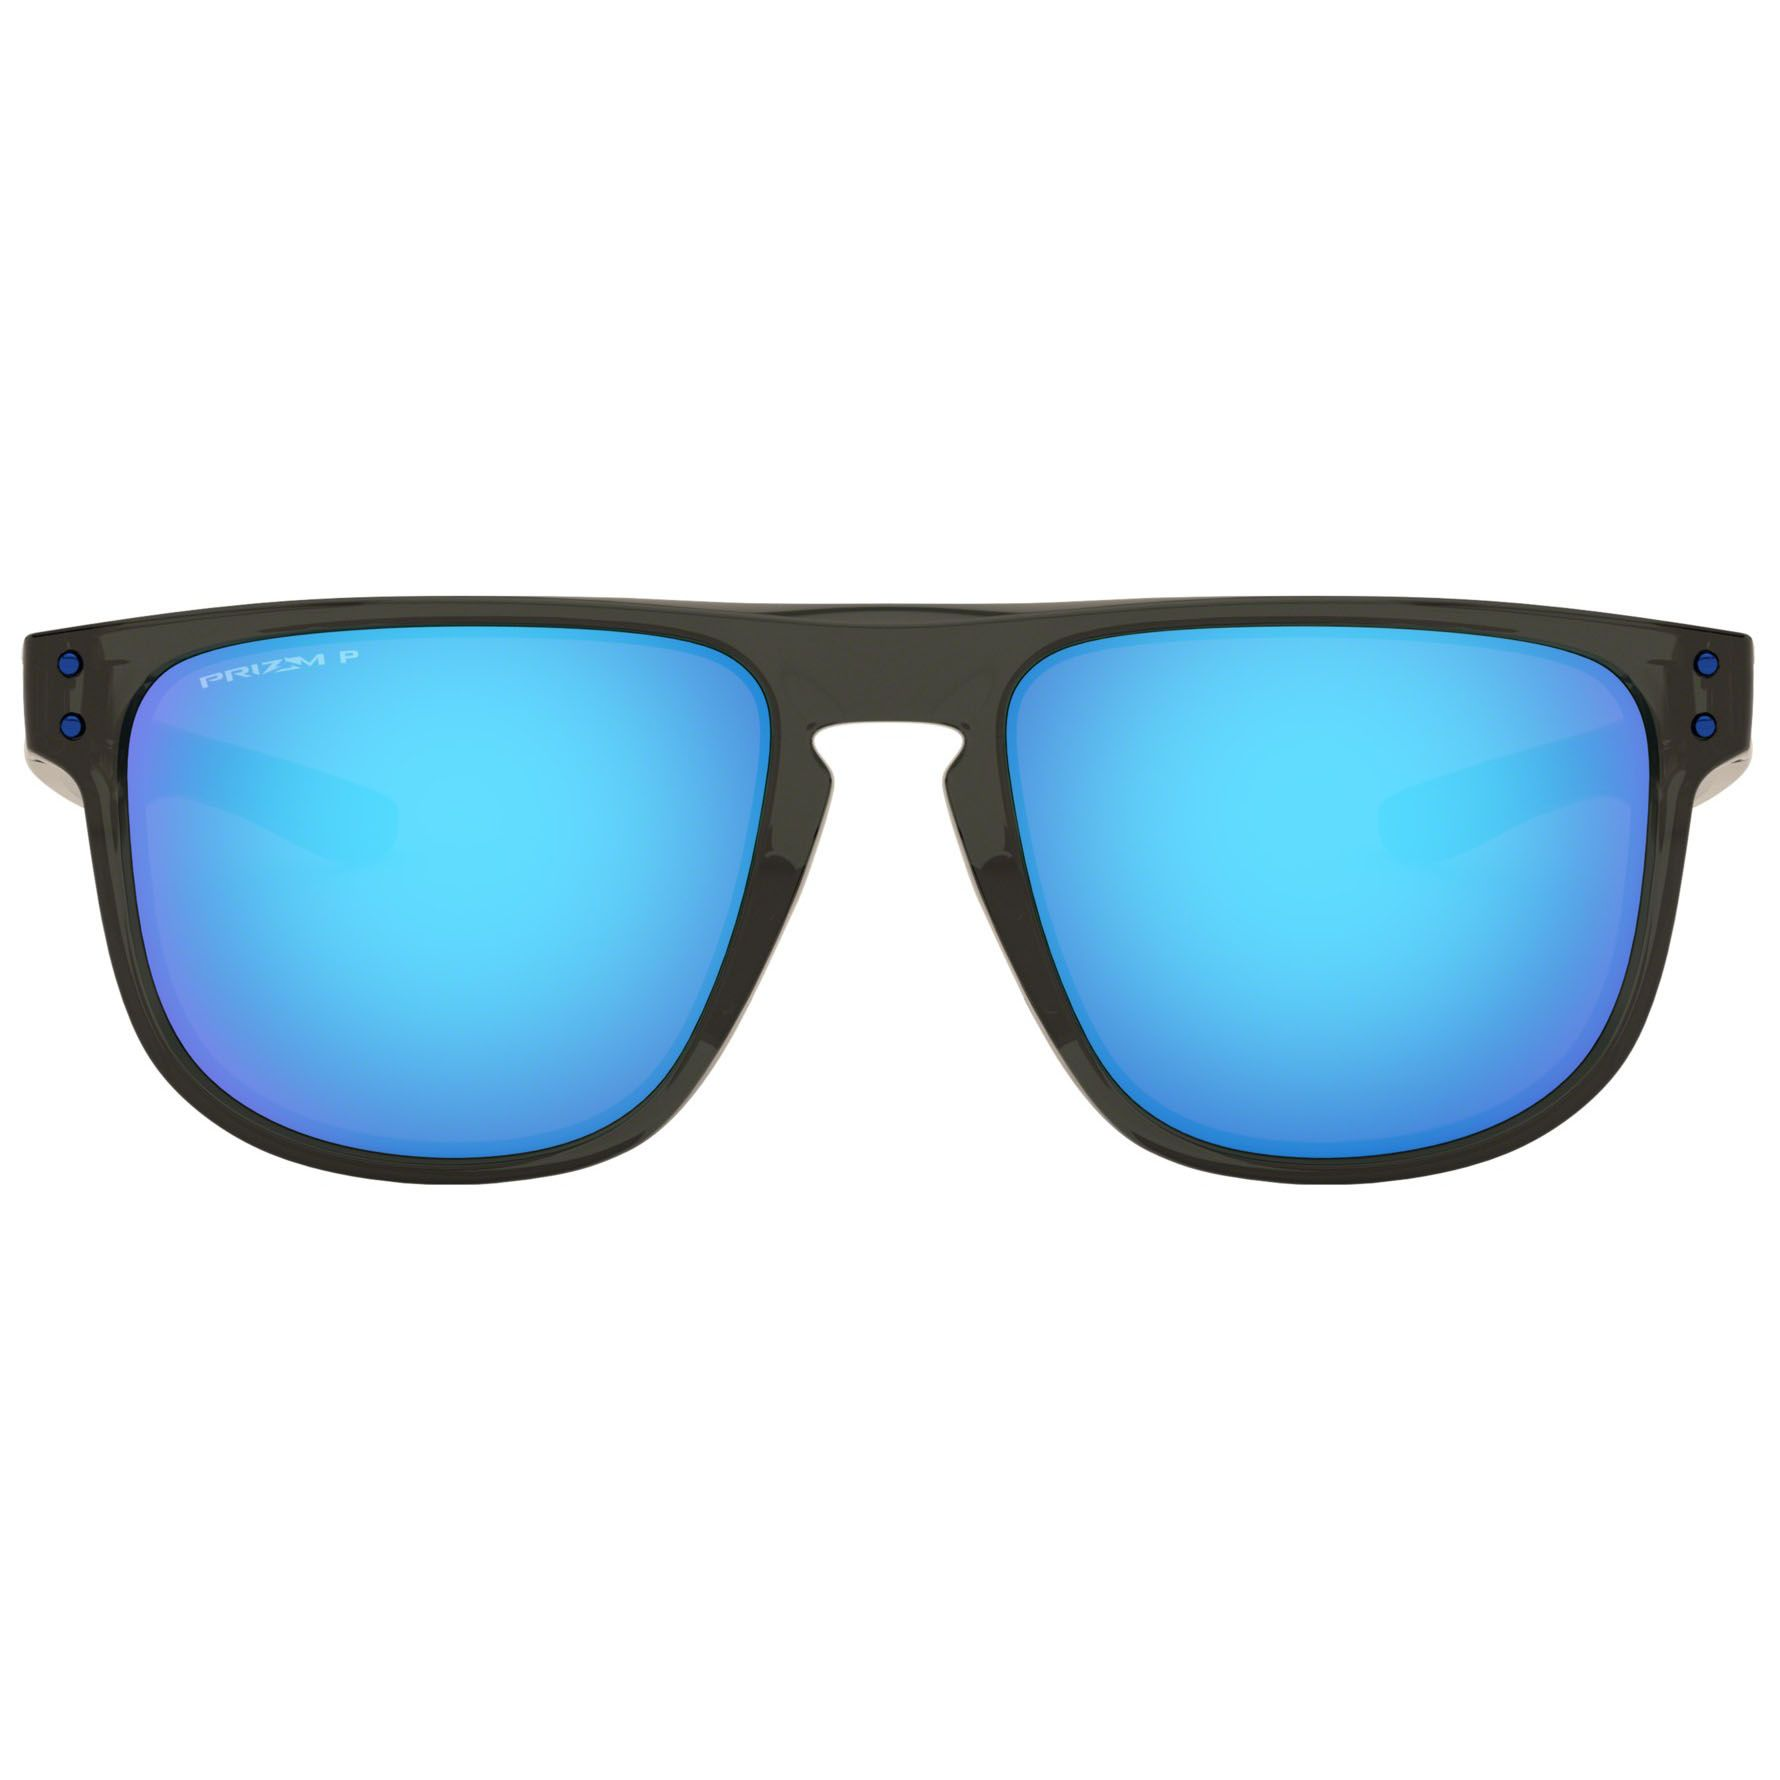 Óculos Polarizado Oakley Holbrook R Prizm Sapphire